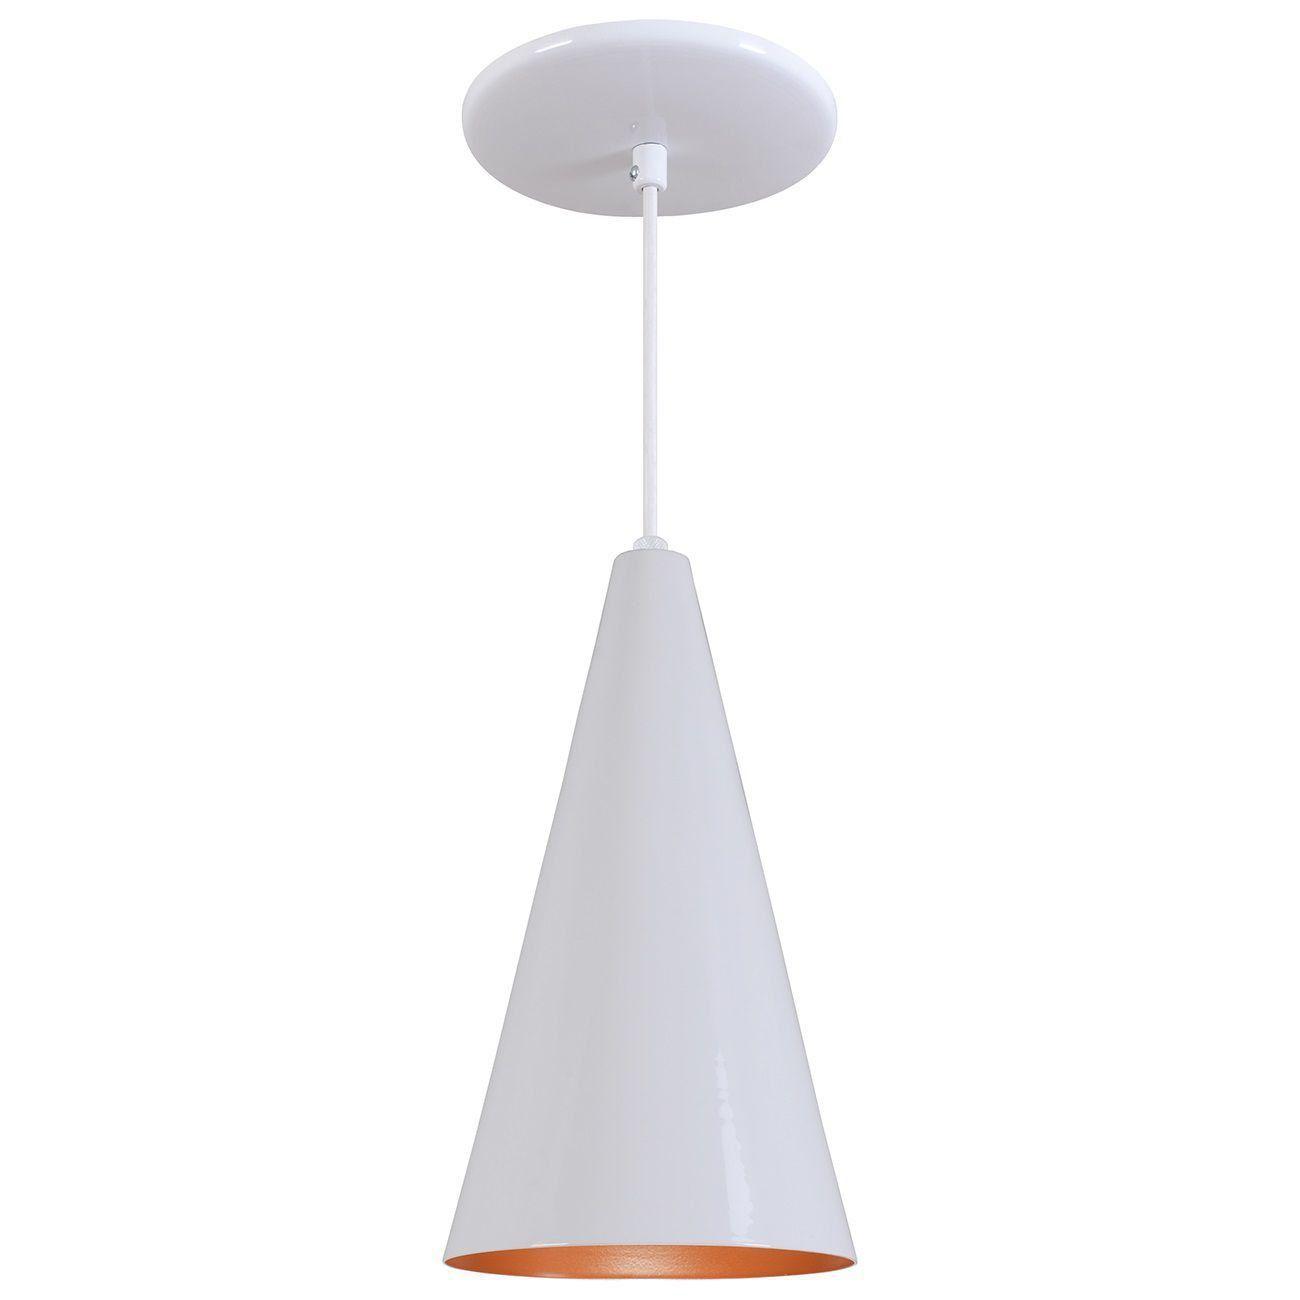 Pendente Cone Luminária Lustre Alumínio Branco Brilhante C/ Cobre - Rei Da Iluminação